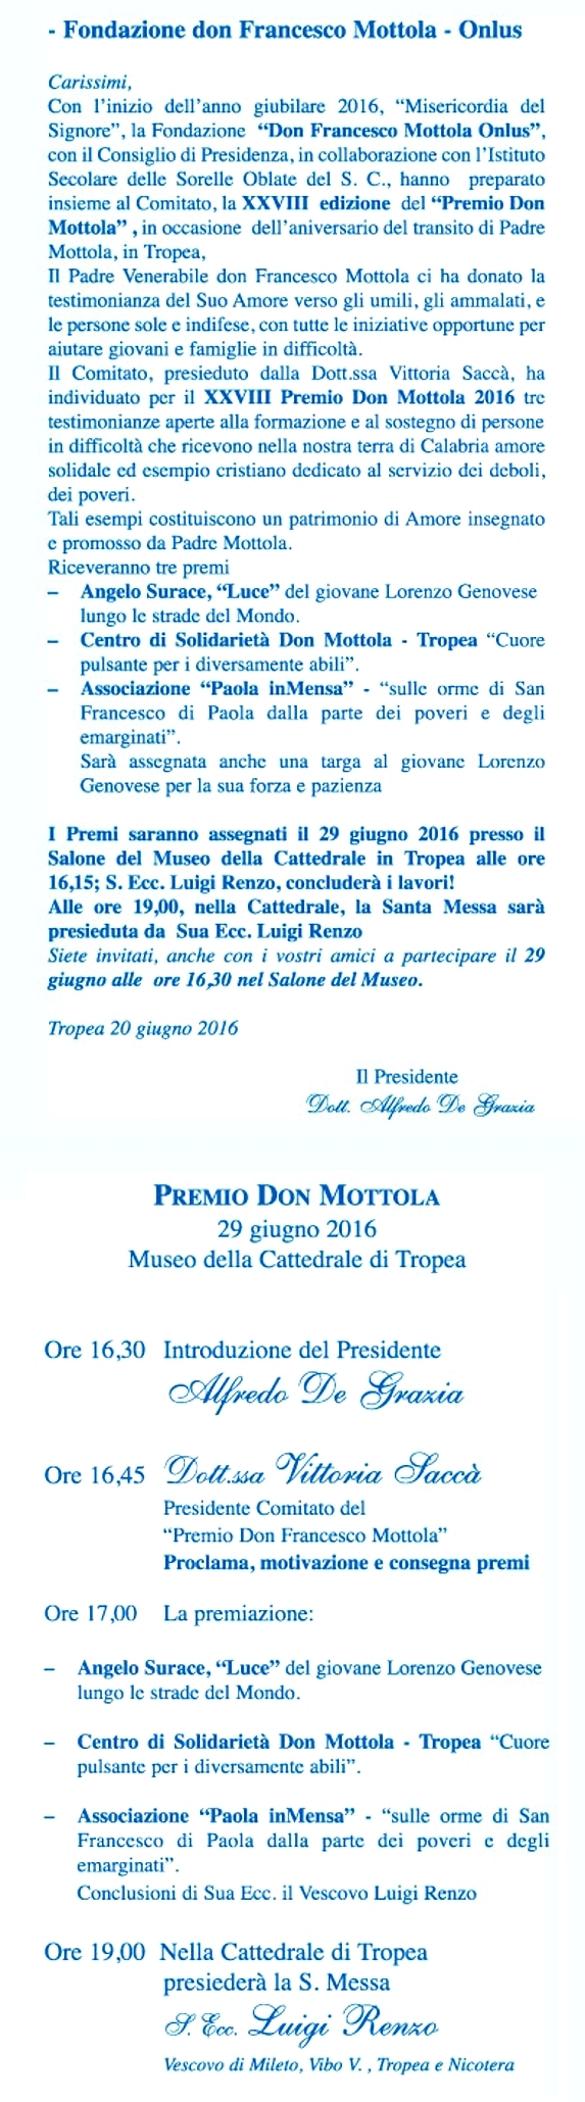 Mottola2016-2